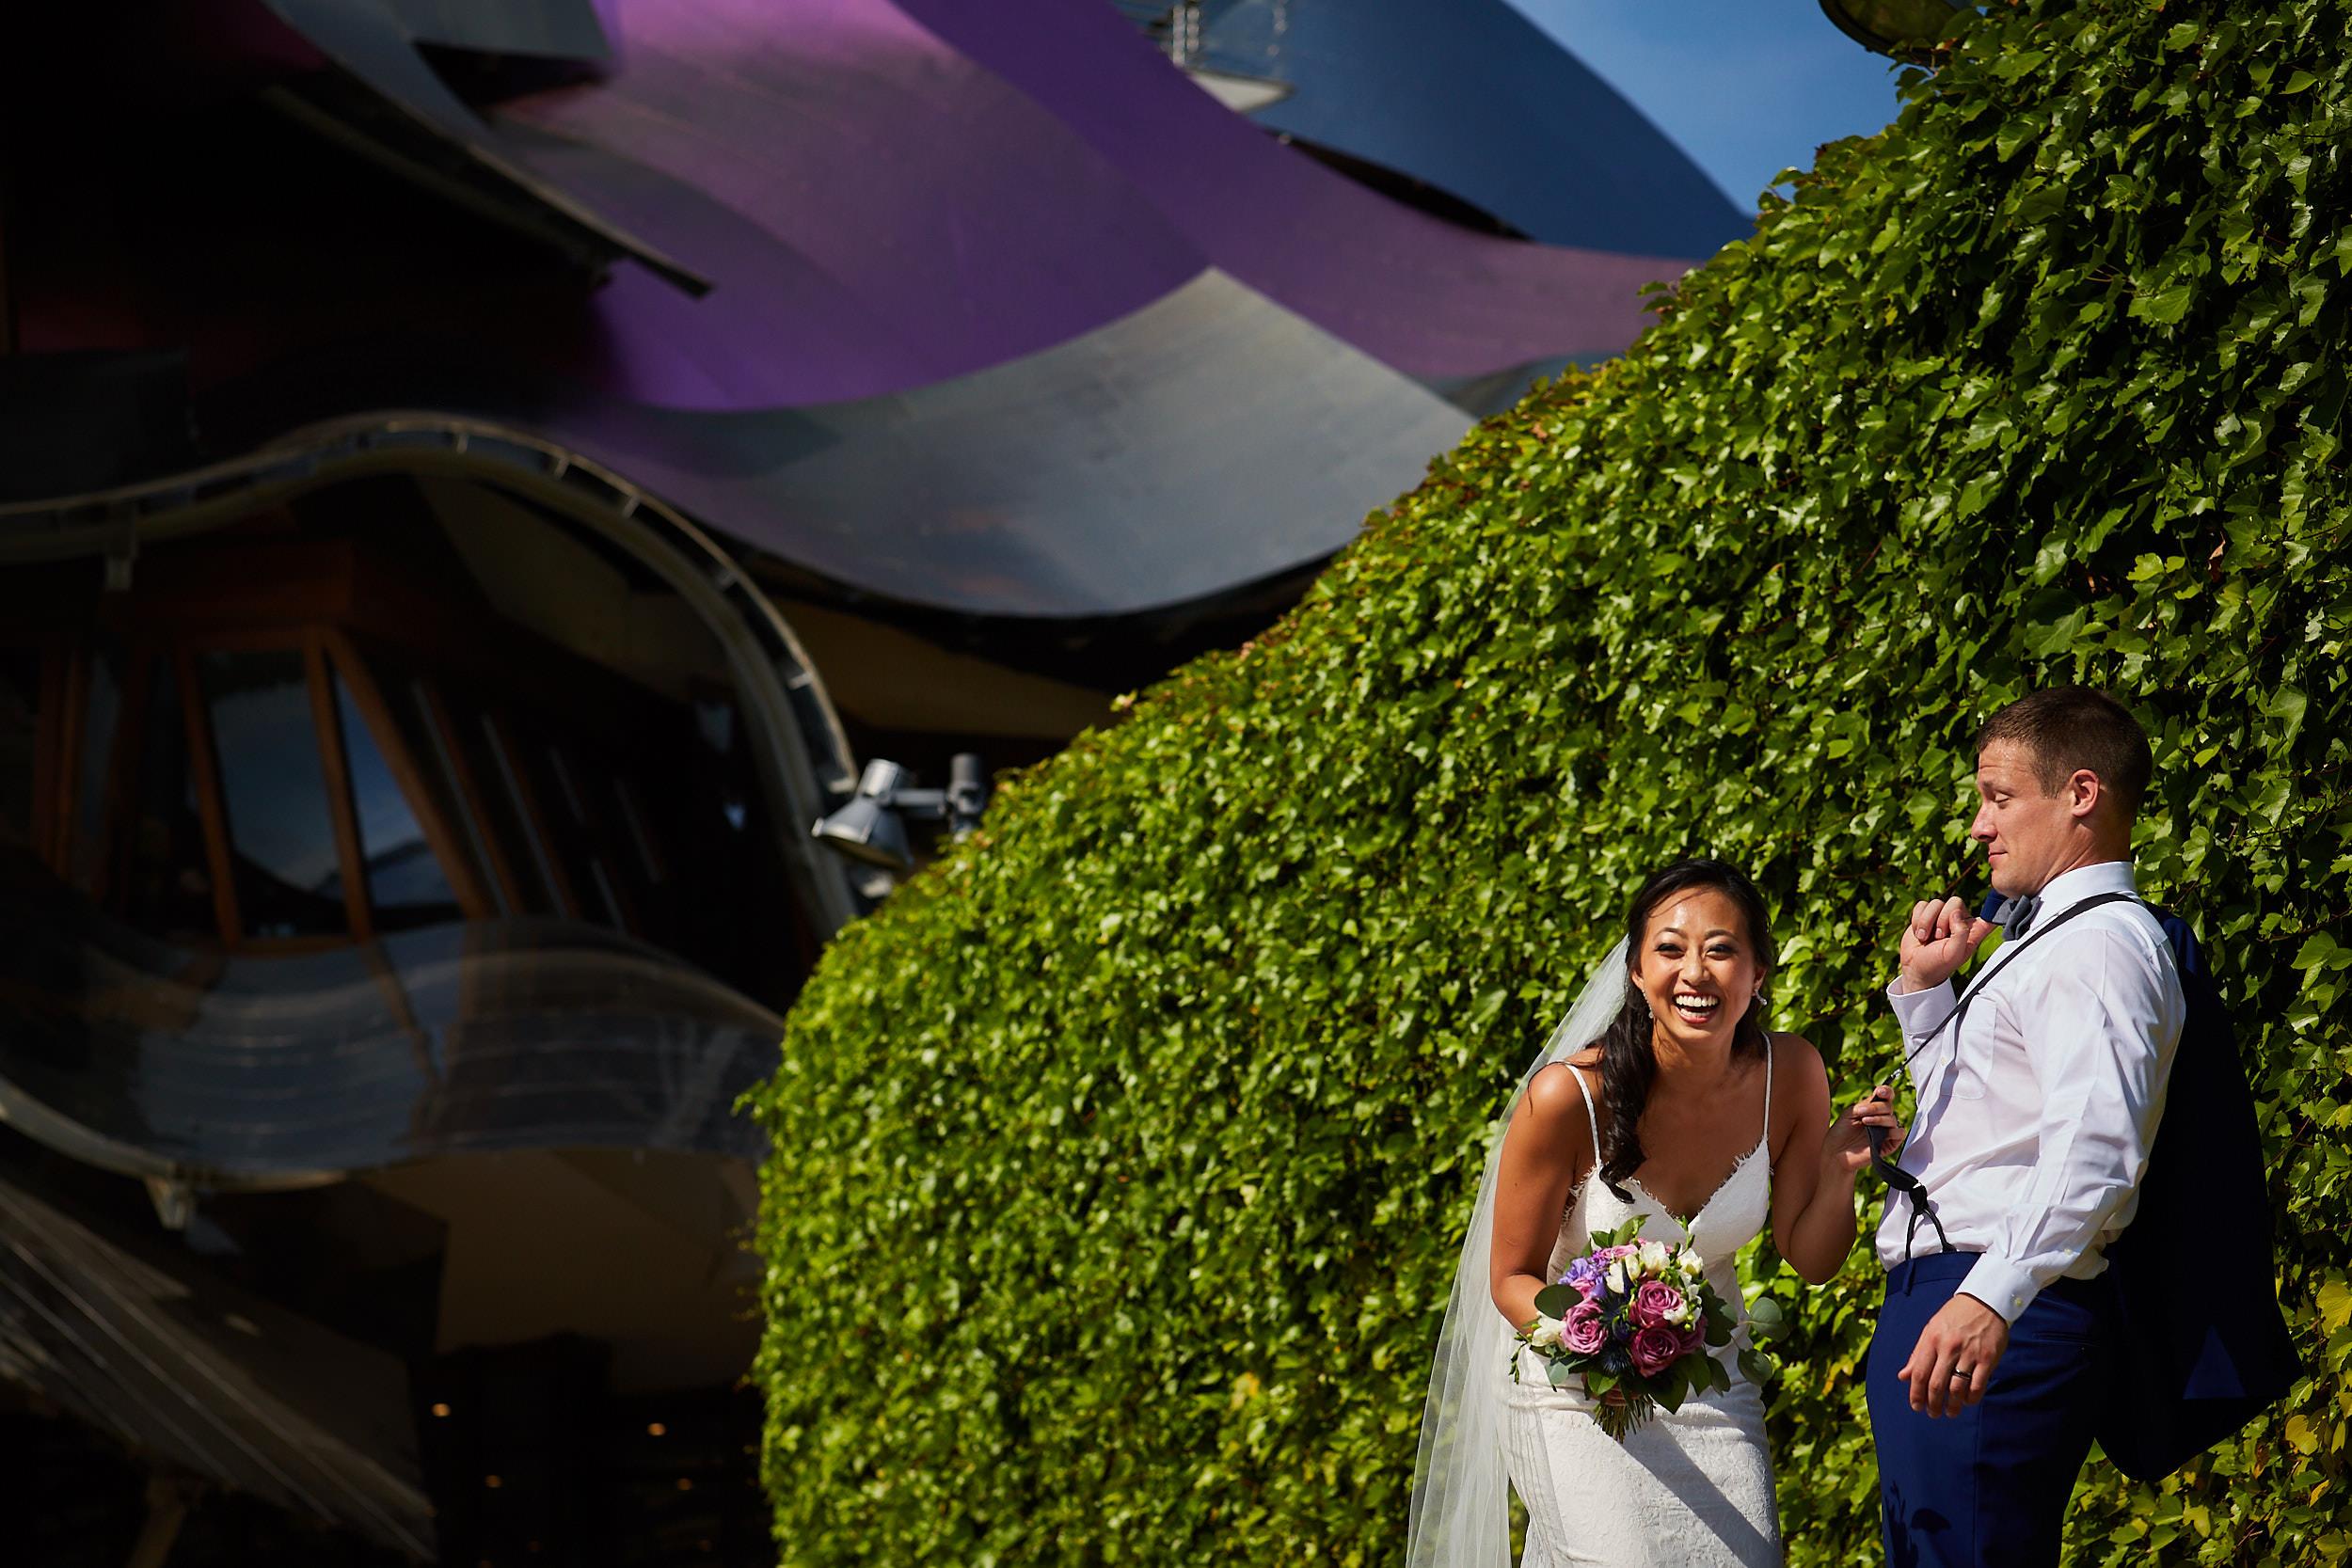 Basque_Country_Wedding_Photographer_Marques_De_Riscal_Elciego_Alava_Sturcke34.jpg